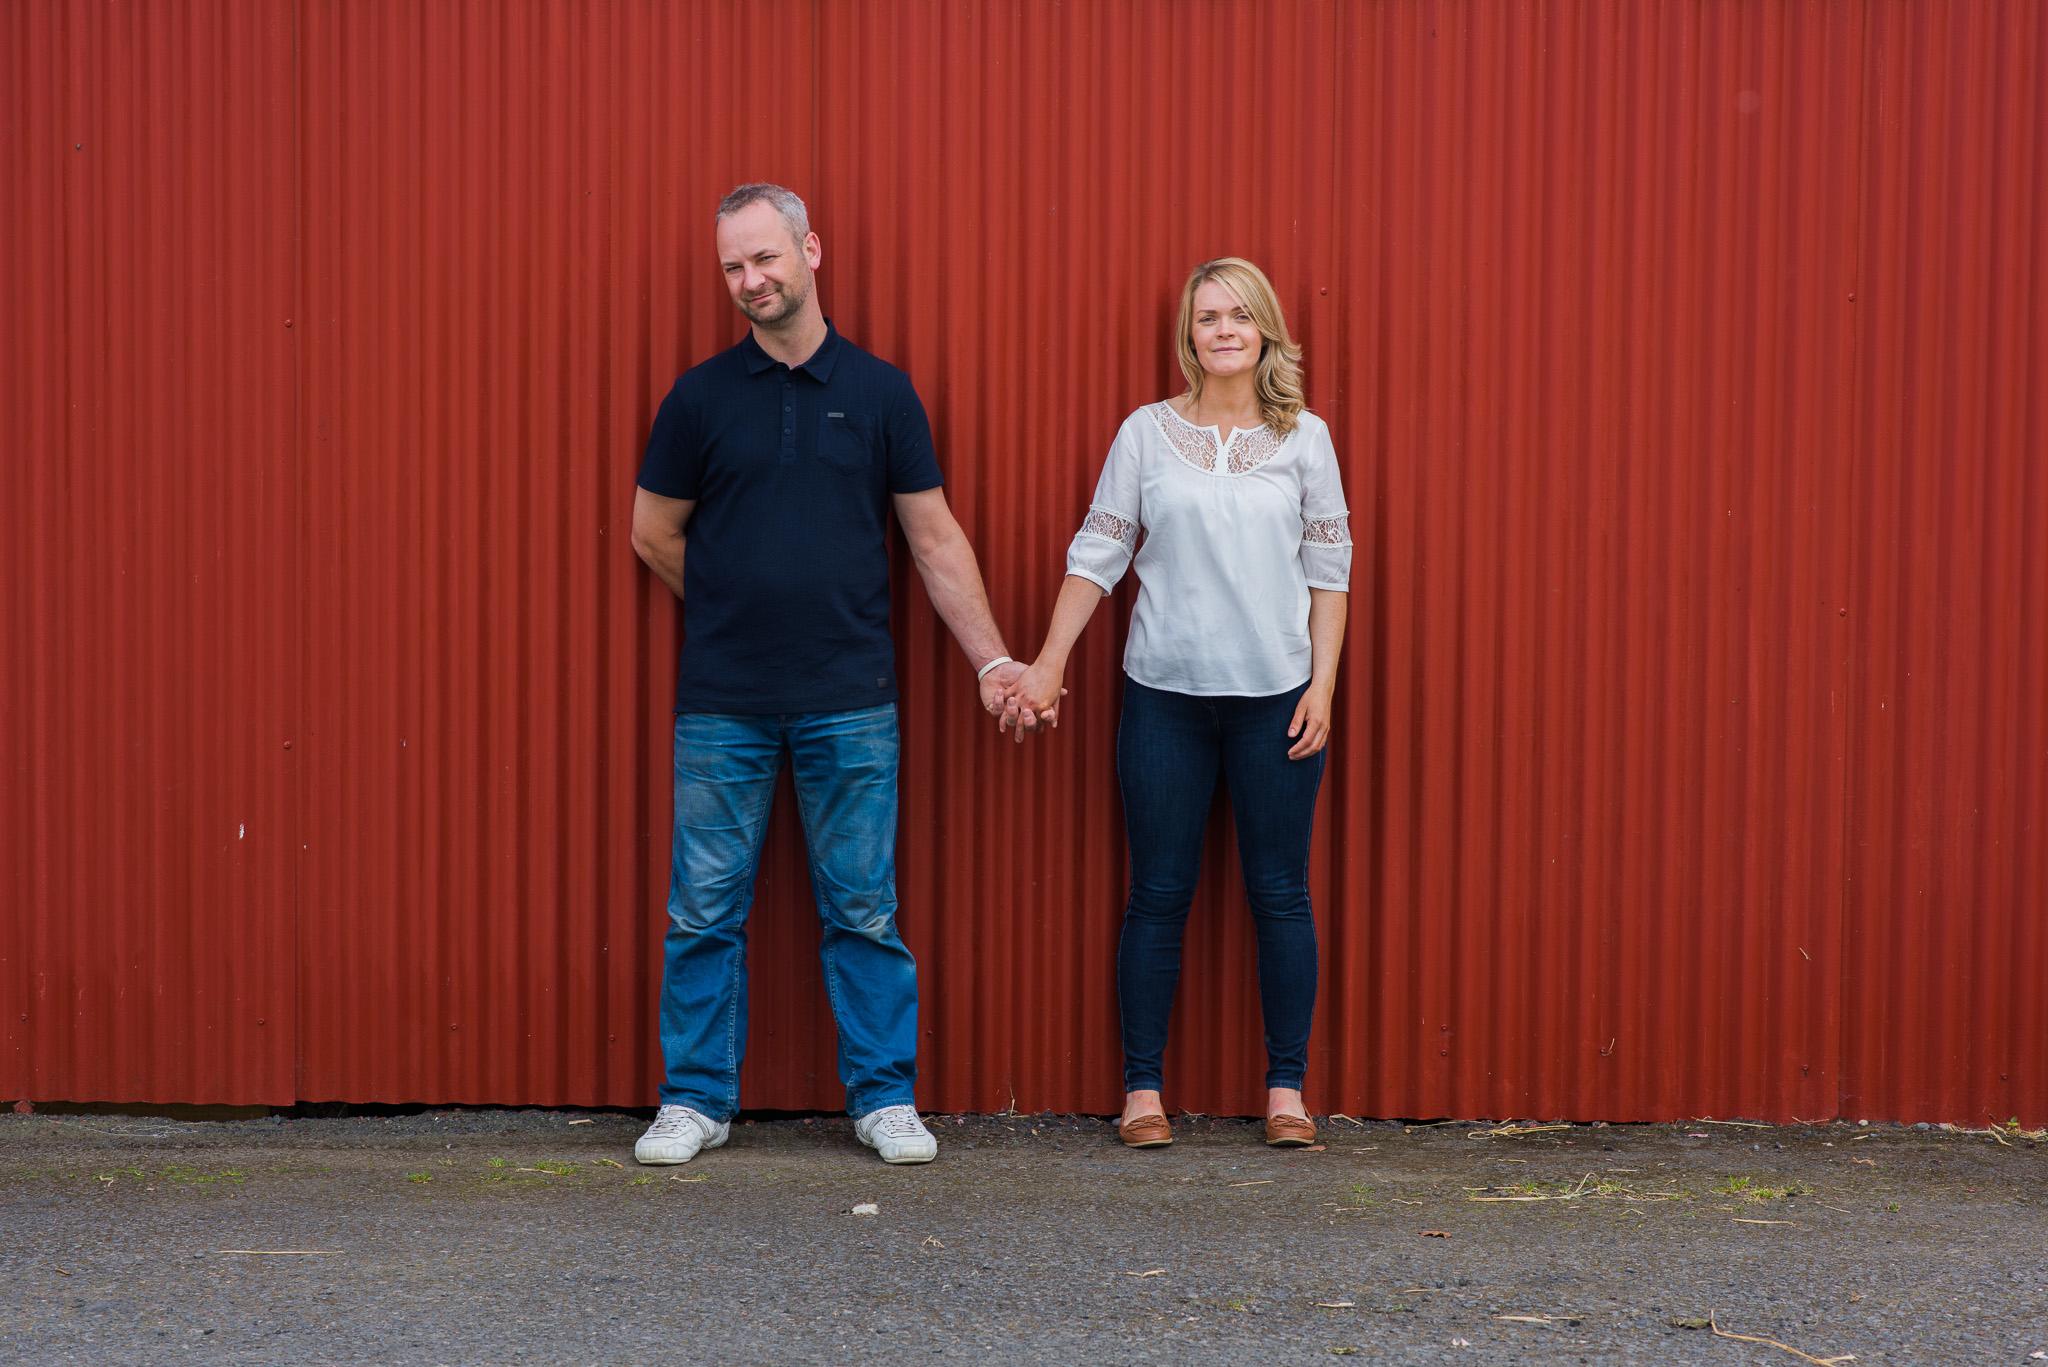 Dalduff Farm Barn Engagement